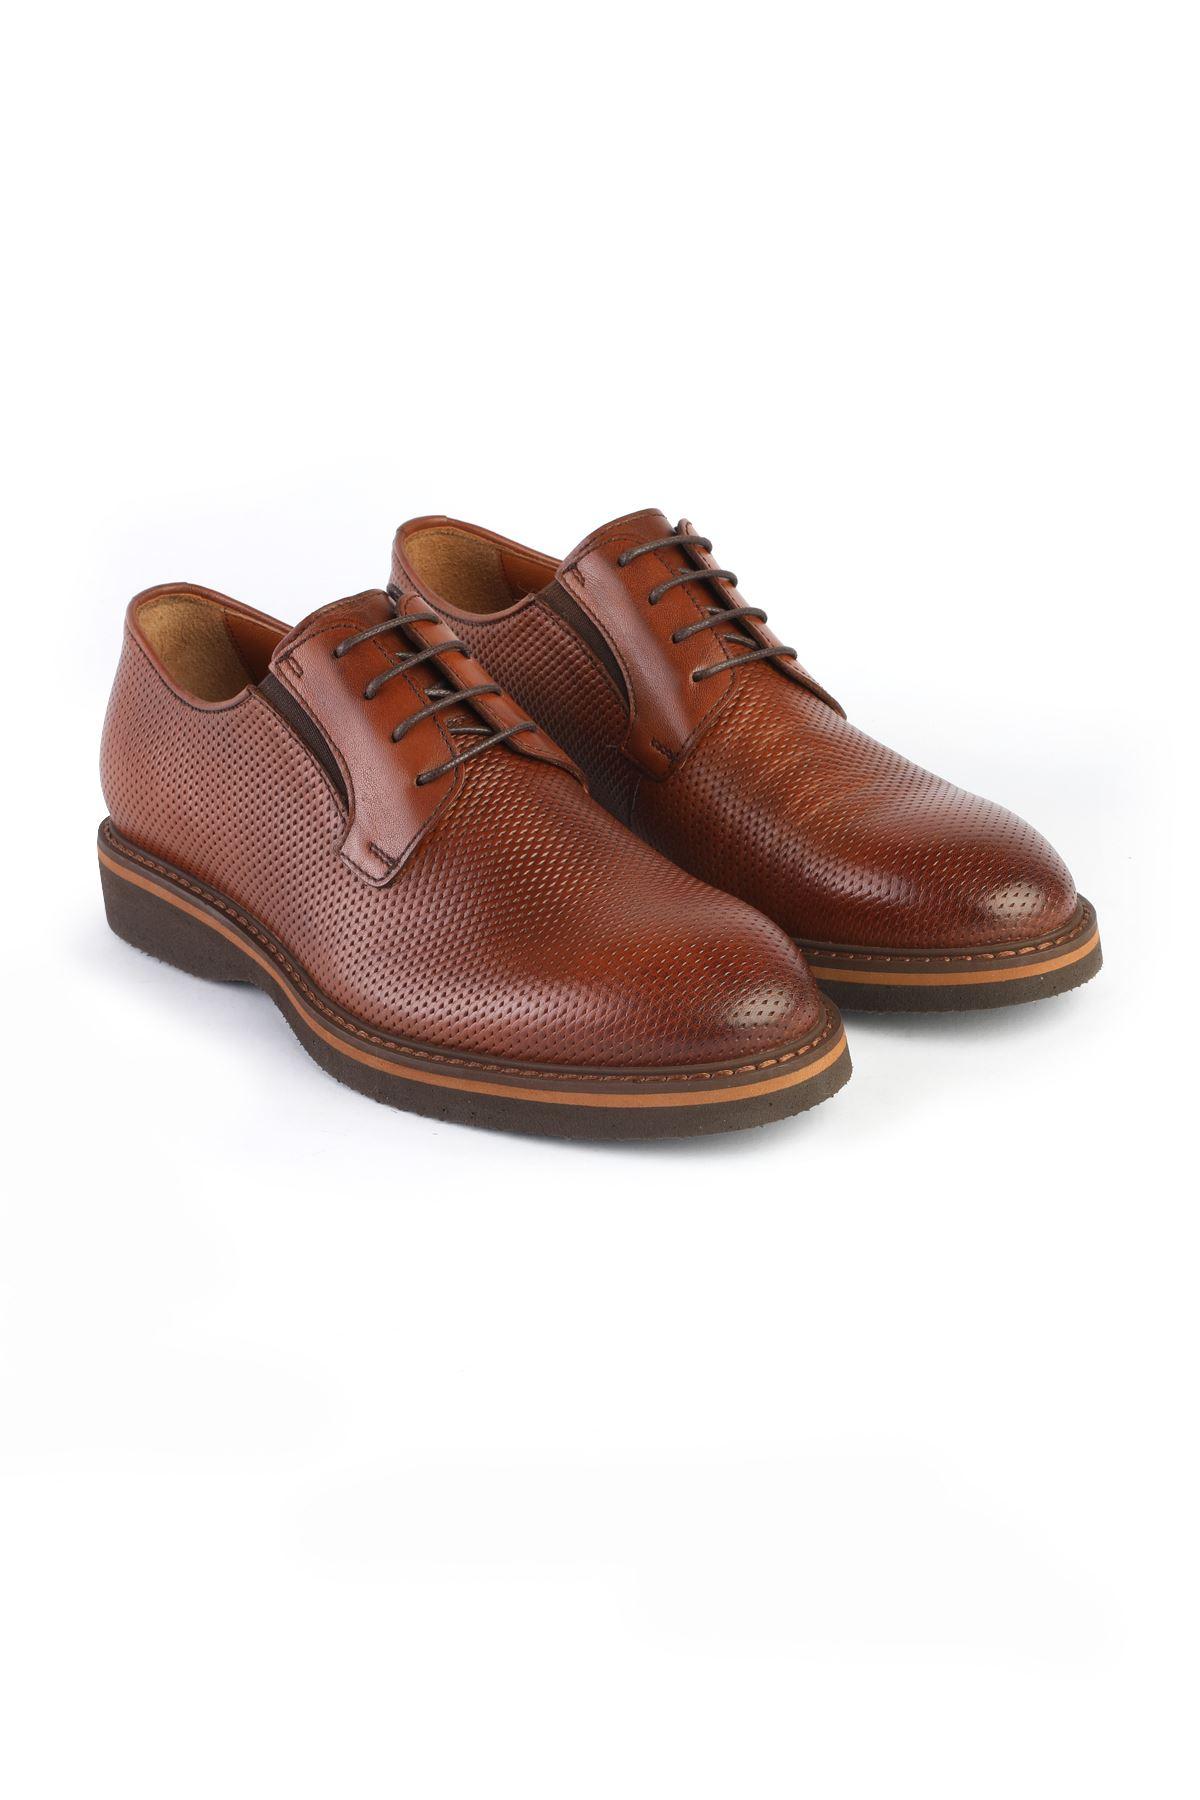 Libero 3261 Brown Oxford Shoes